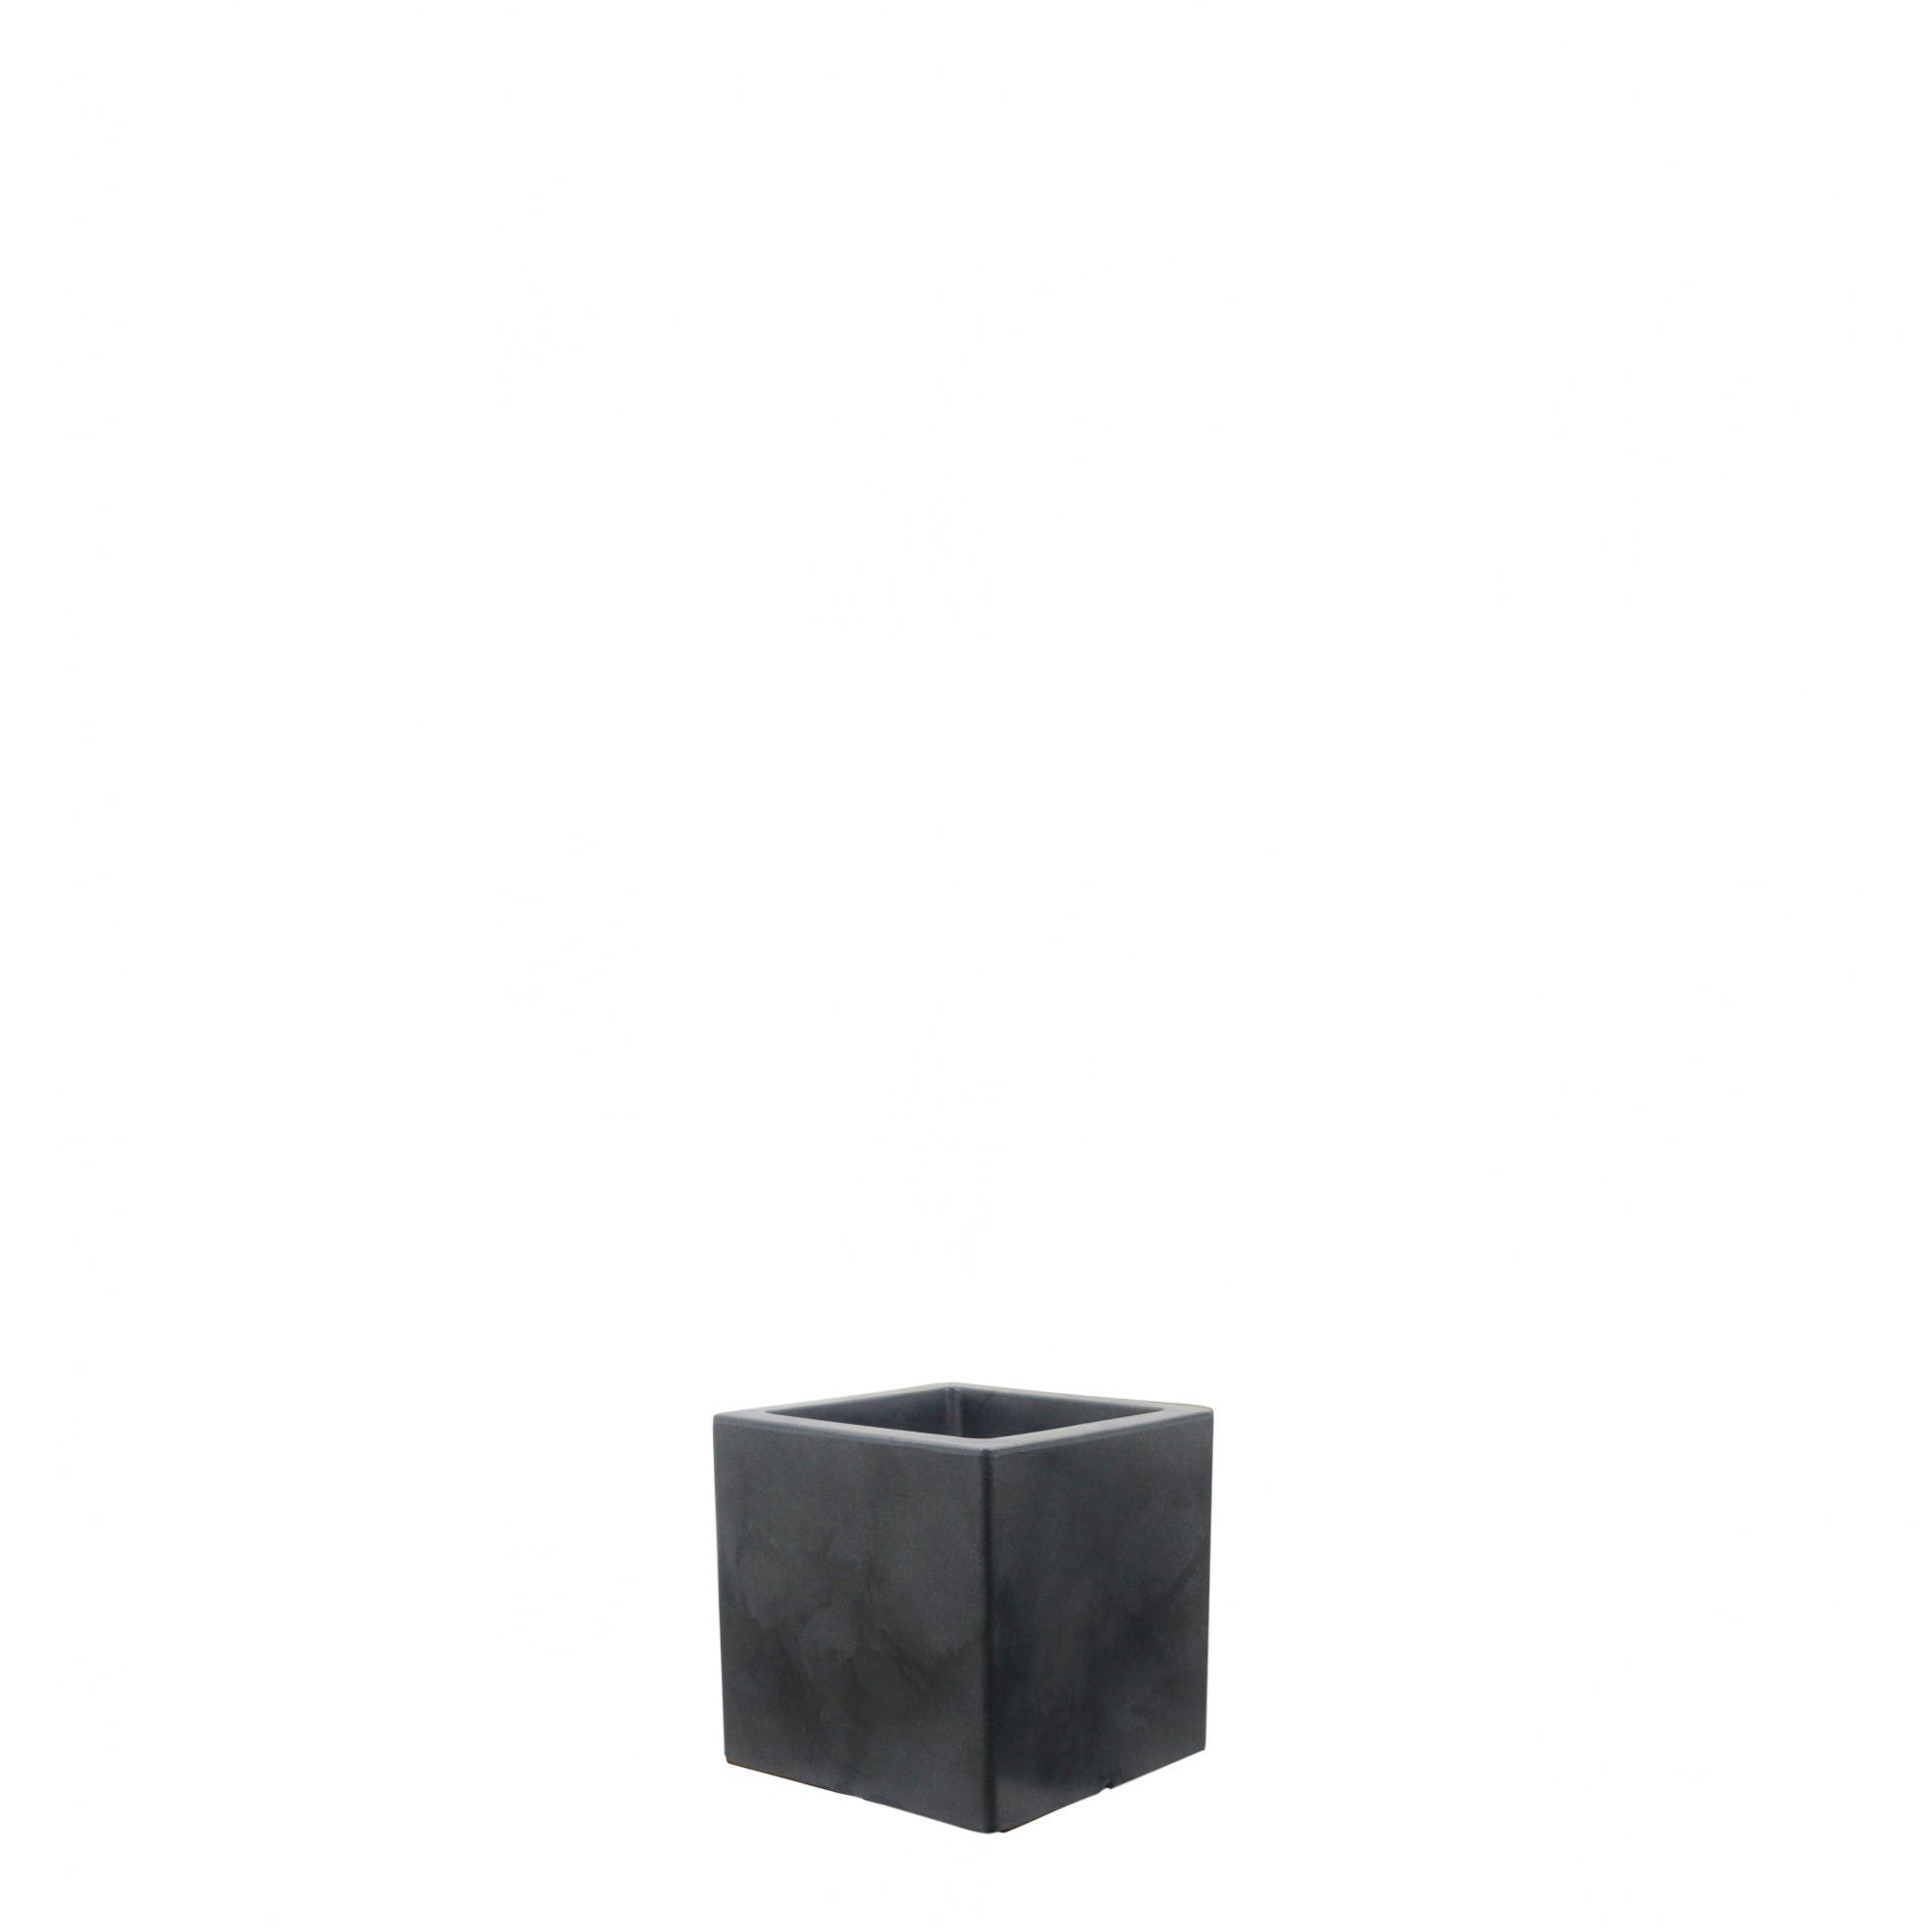 Vaso Cubo 40 x 40 cm Vasart